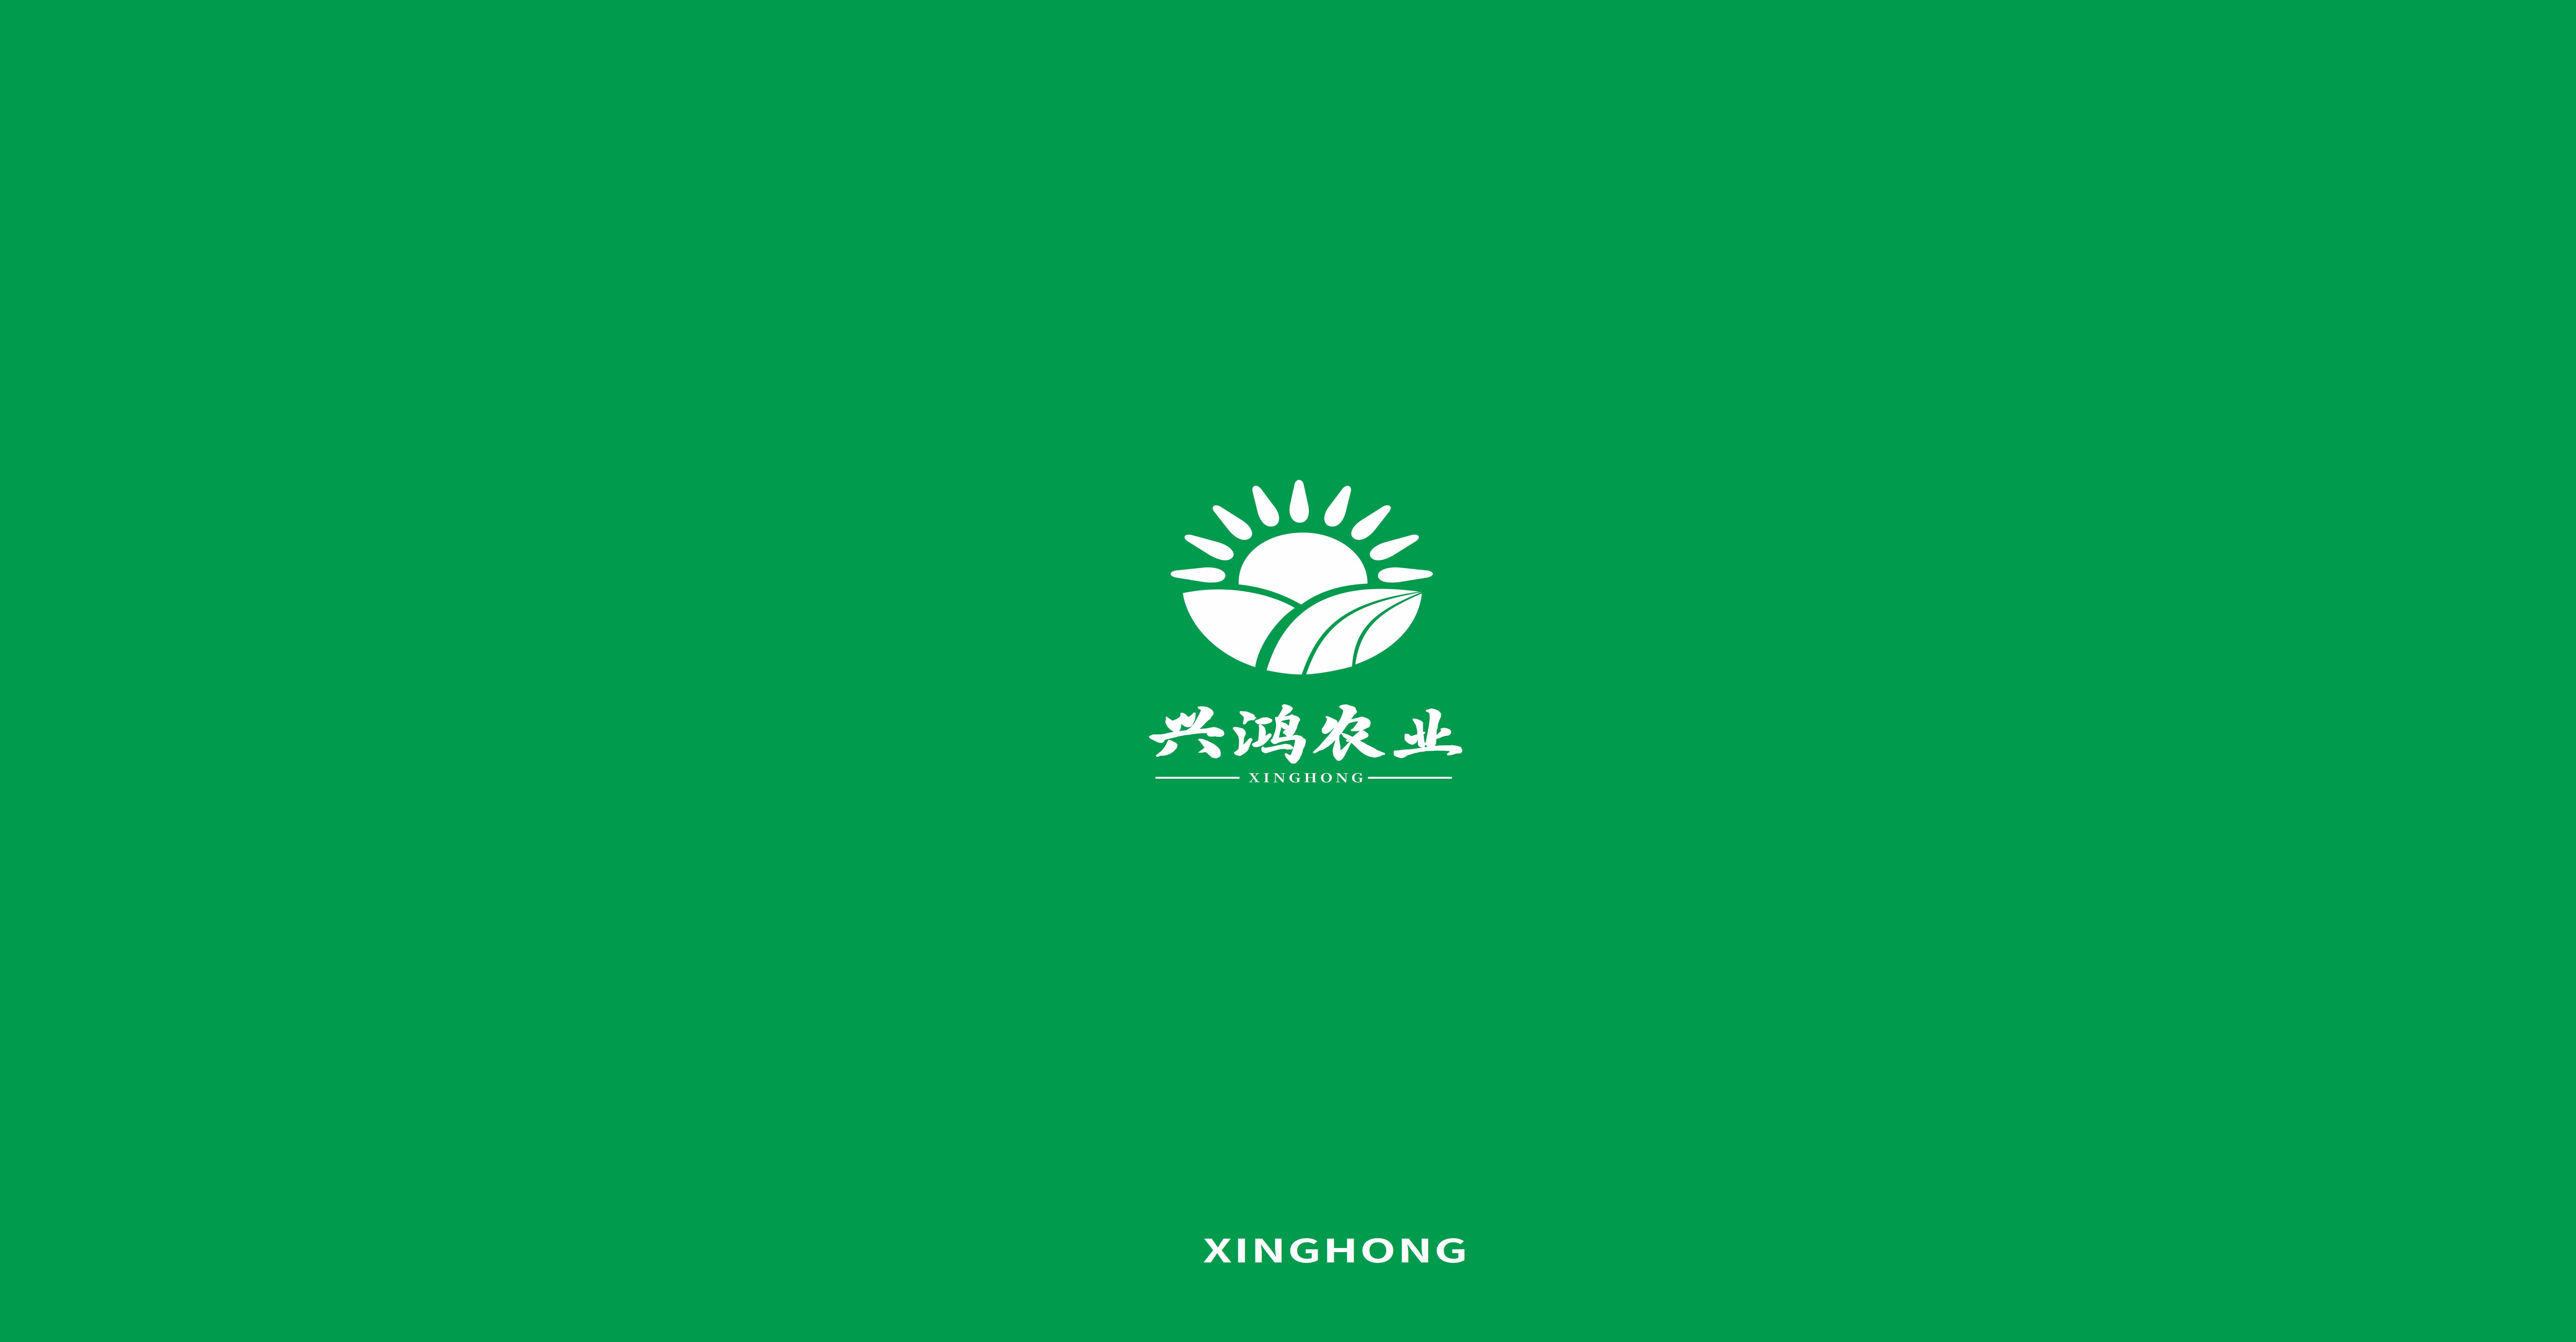 乐山兴鸿生态农业科技有限责任公司2